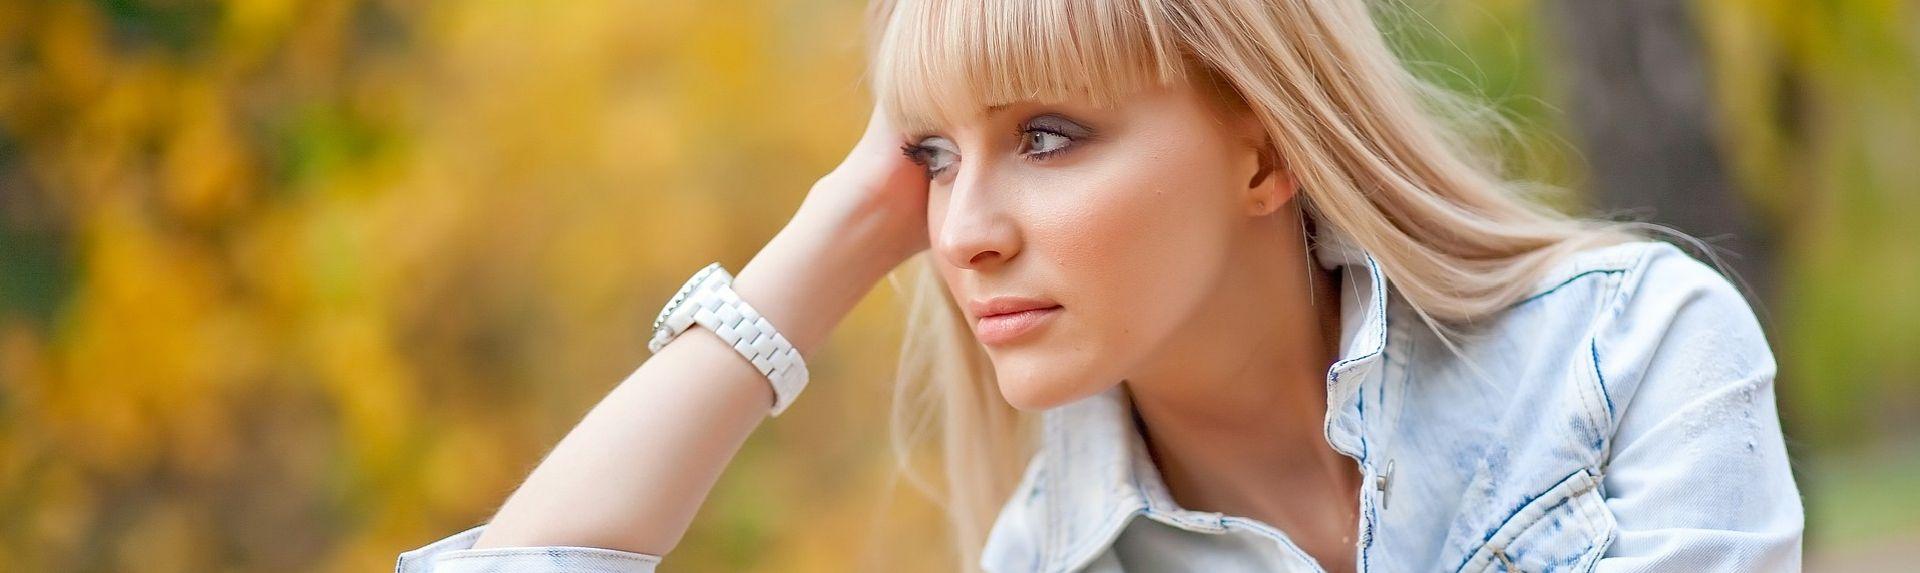 Женская психика: почему возникает эмоциональная нестабильность